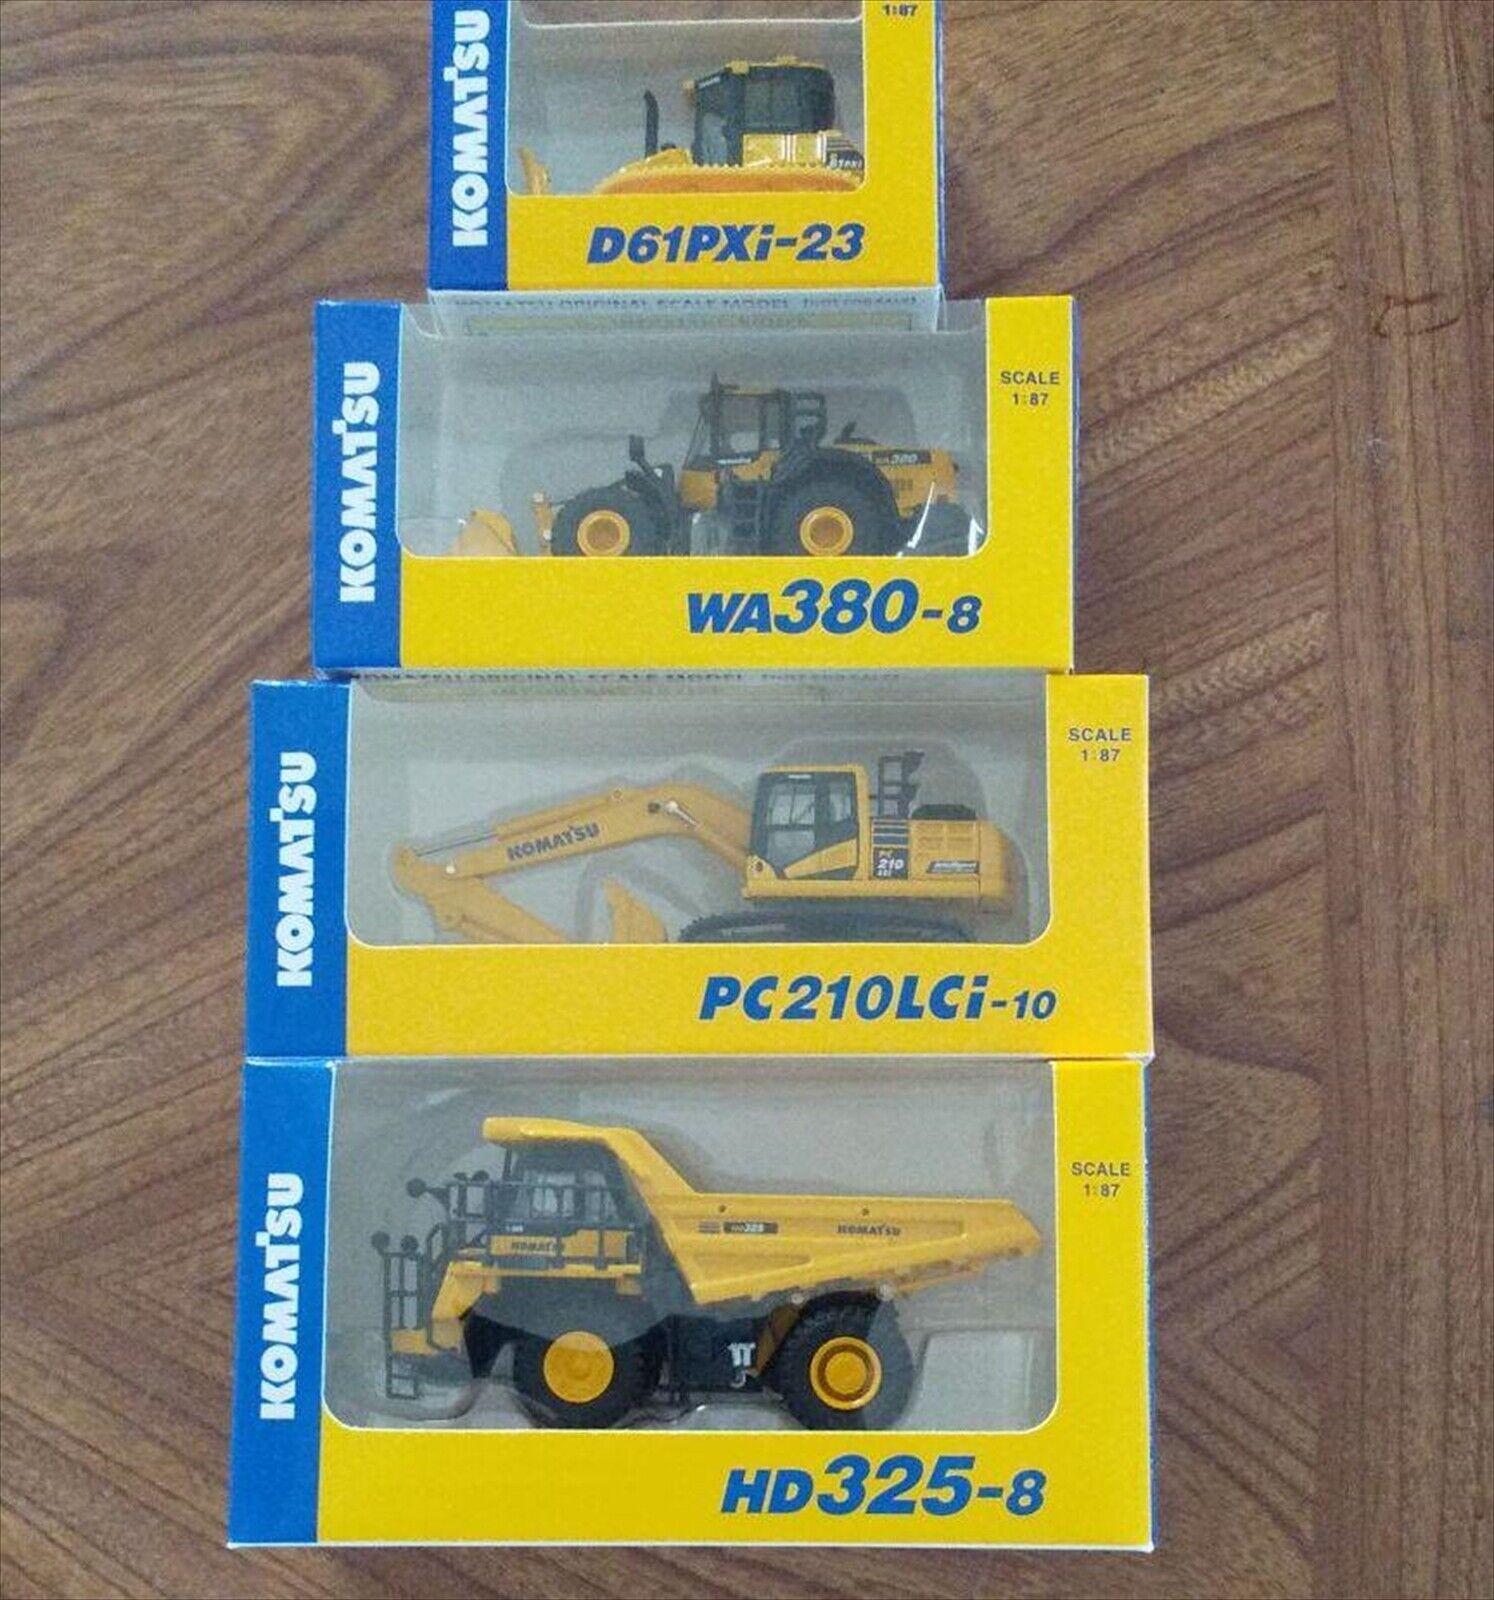 Komatsu (WA380-8 Wheel  Loader) (PC210LCi-10 Excavateur) (D61PXi-23) (HD325-8) 1 87  100% neuf avec qualité d'origine